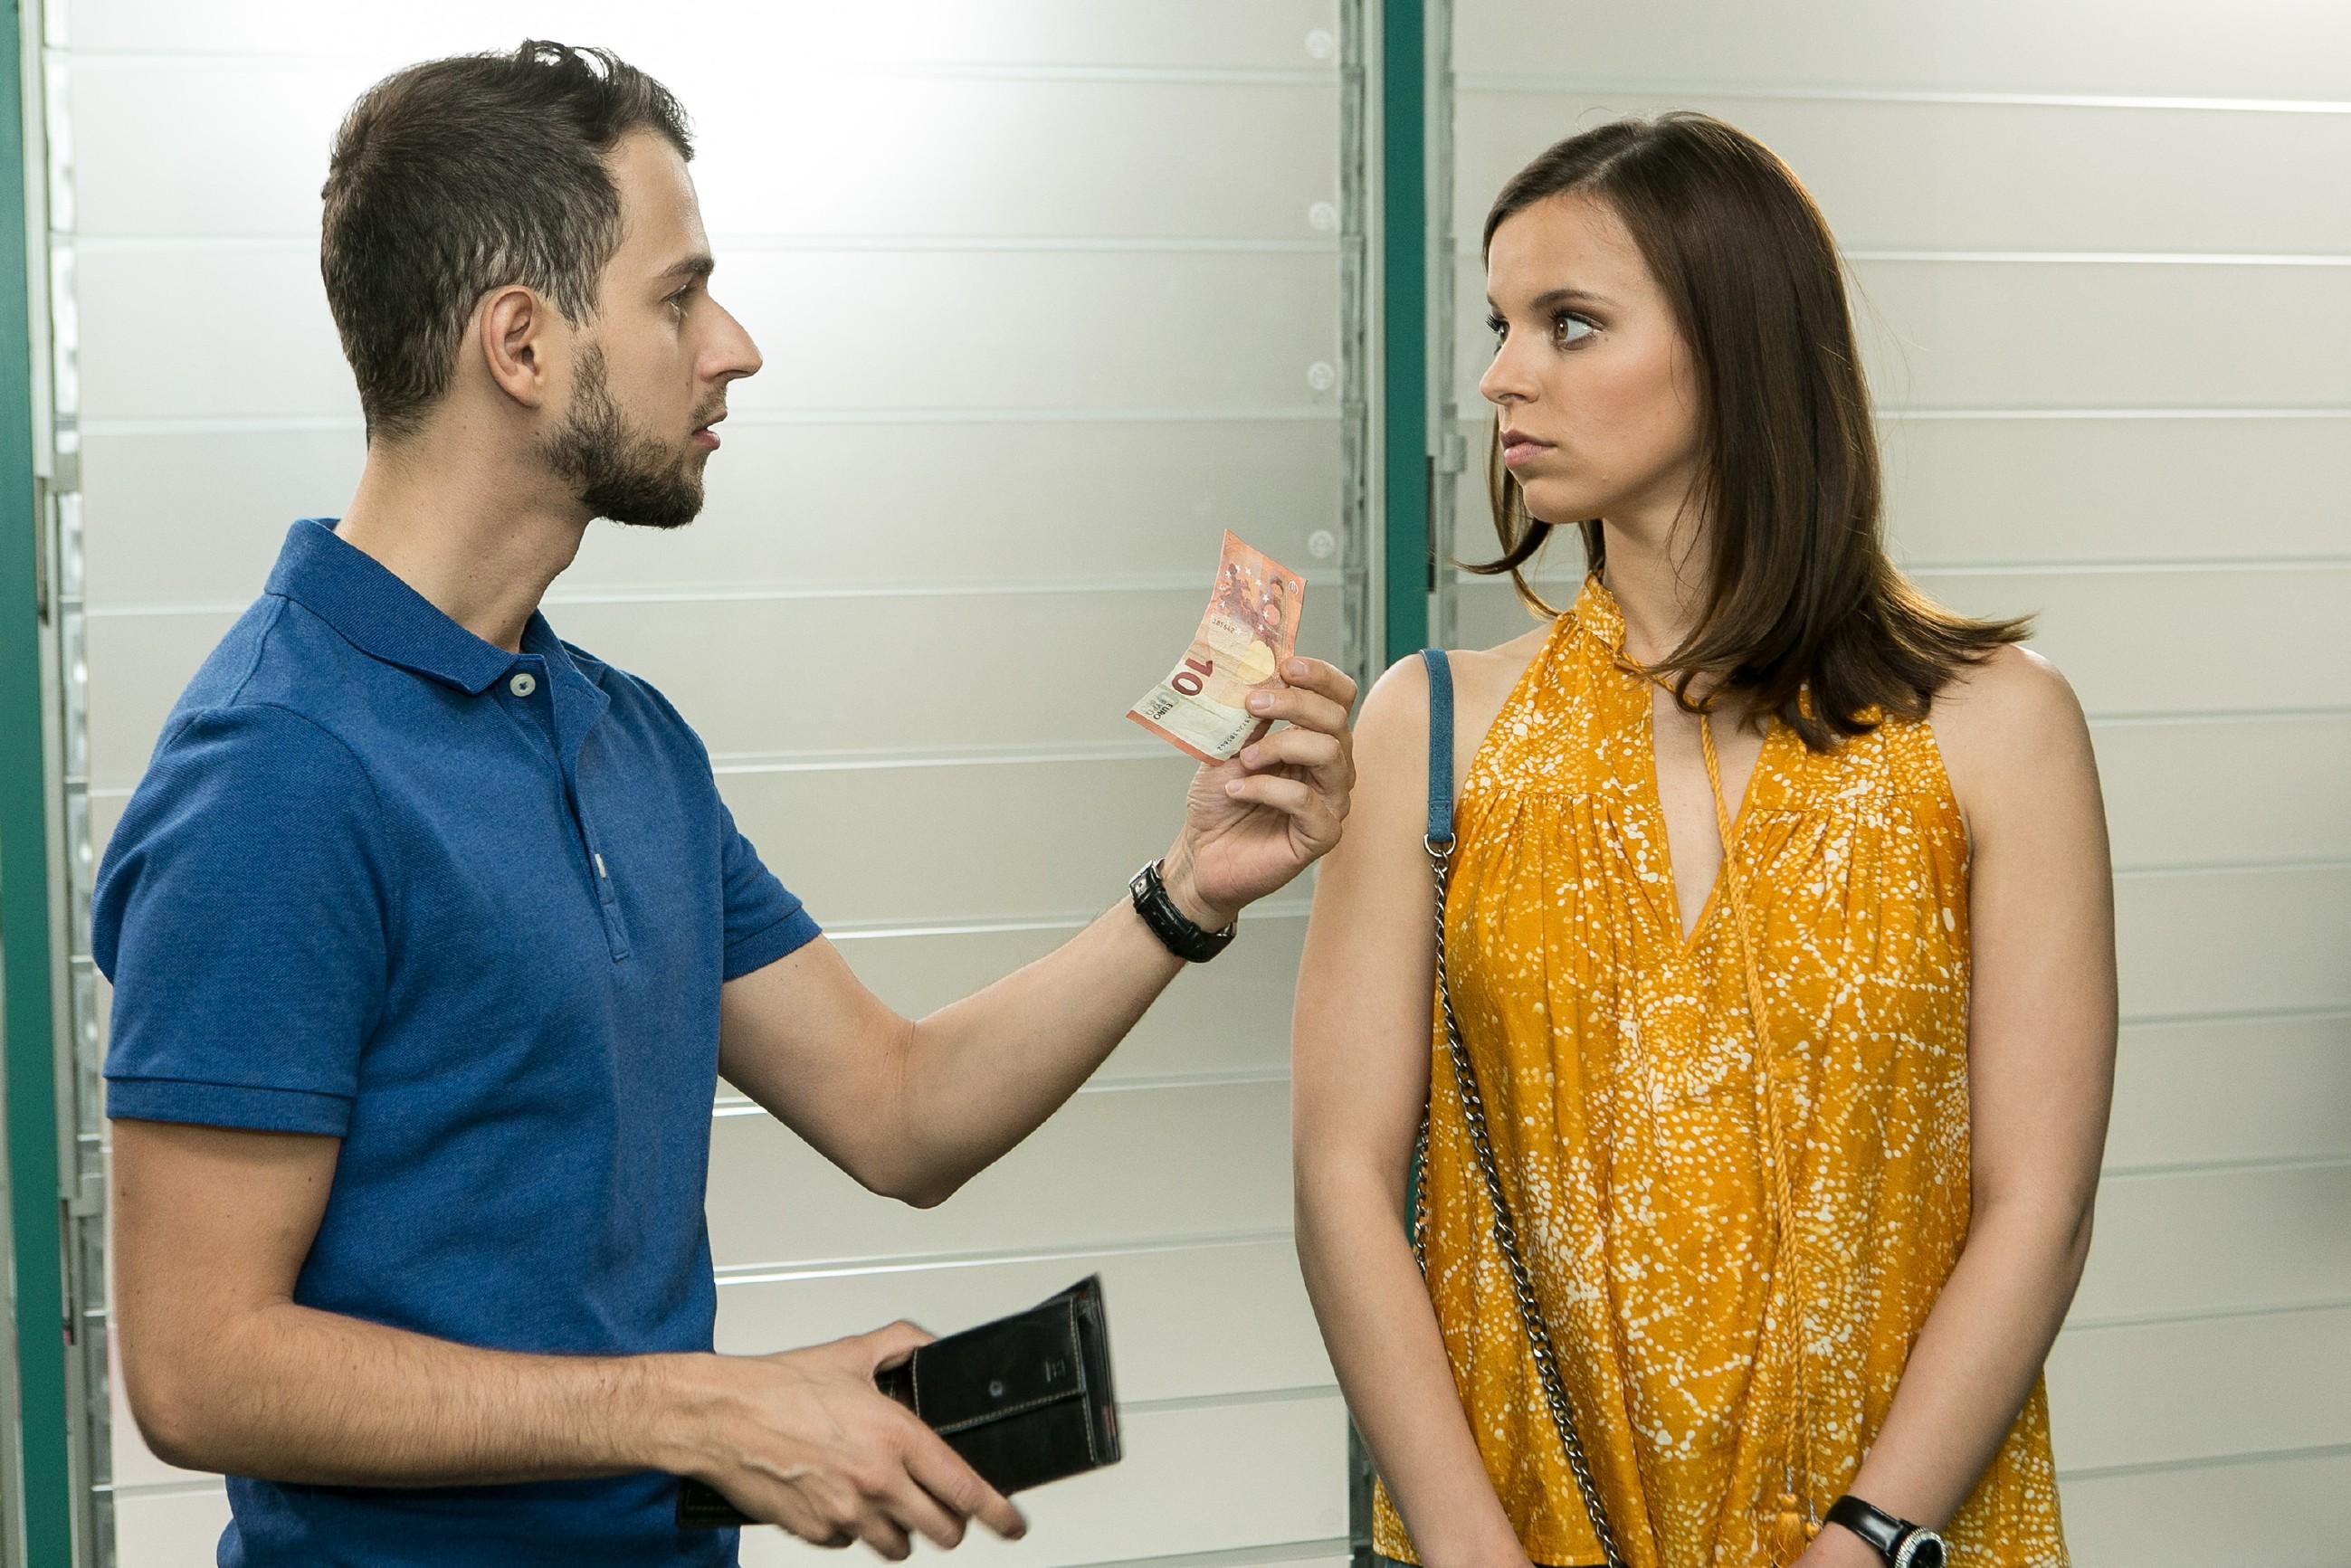 Auf dem Weg zu Marie, um sich zu entschuldigen, trifft Michelle (Franziska Benz) im Krankenhausflur auf Tobi (Michael Jassin). (Quelle: RTL / Kai Schulz)